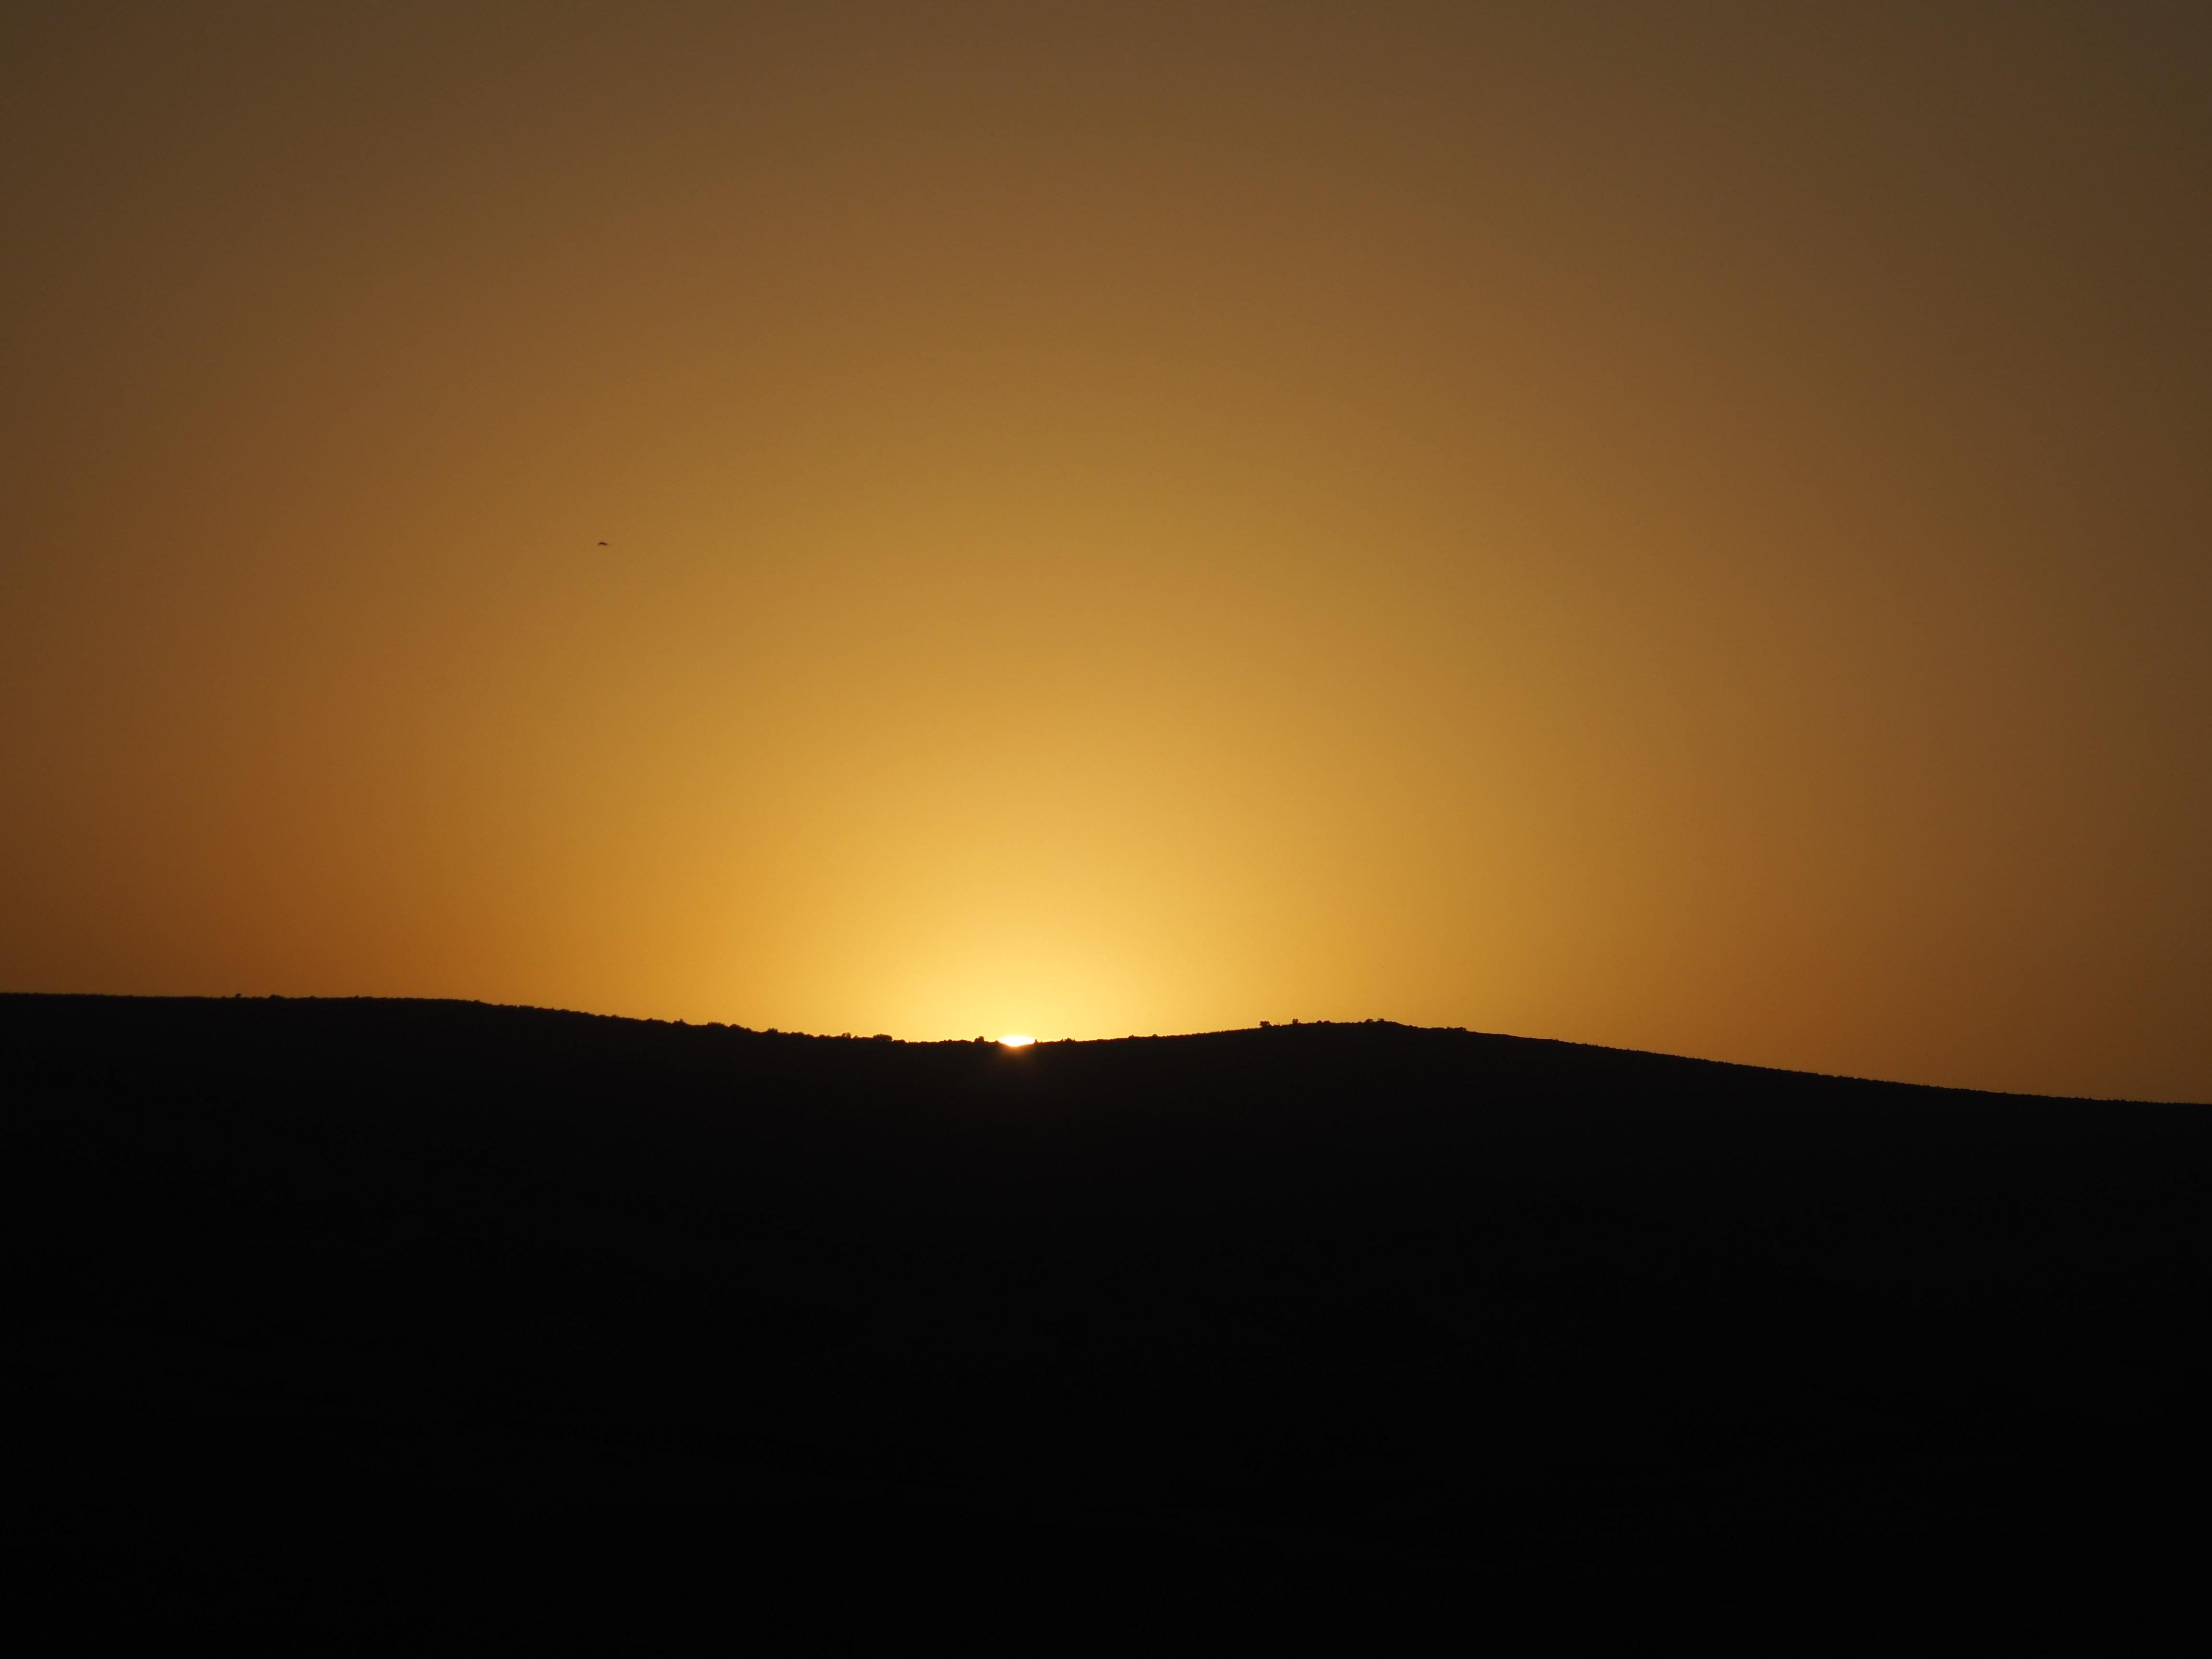 152725 скачать обои Темные, Закат, Горизонт, Небо, Солнце - заставки и картинки бесплатно